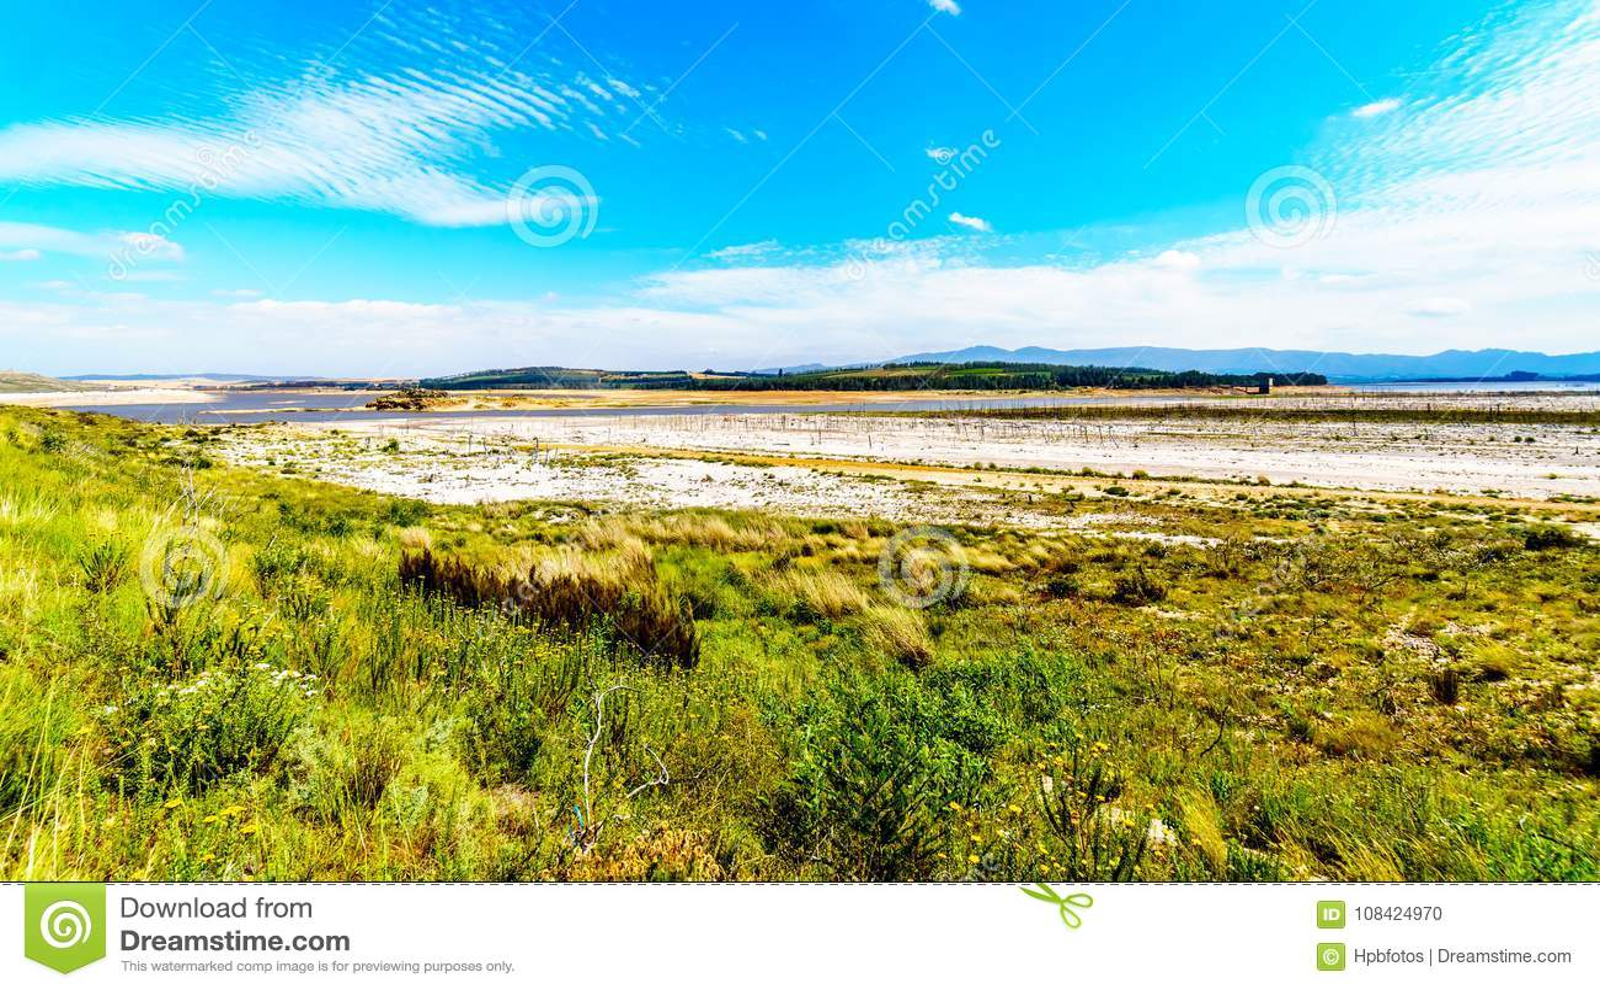 Extrem - Niedrigwasserniveau in der Theewaterkloof-Verdammung, die eine Hauptquelle für Wasserversorgung nach Cape Town ist